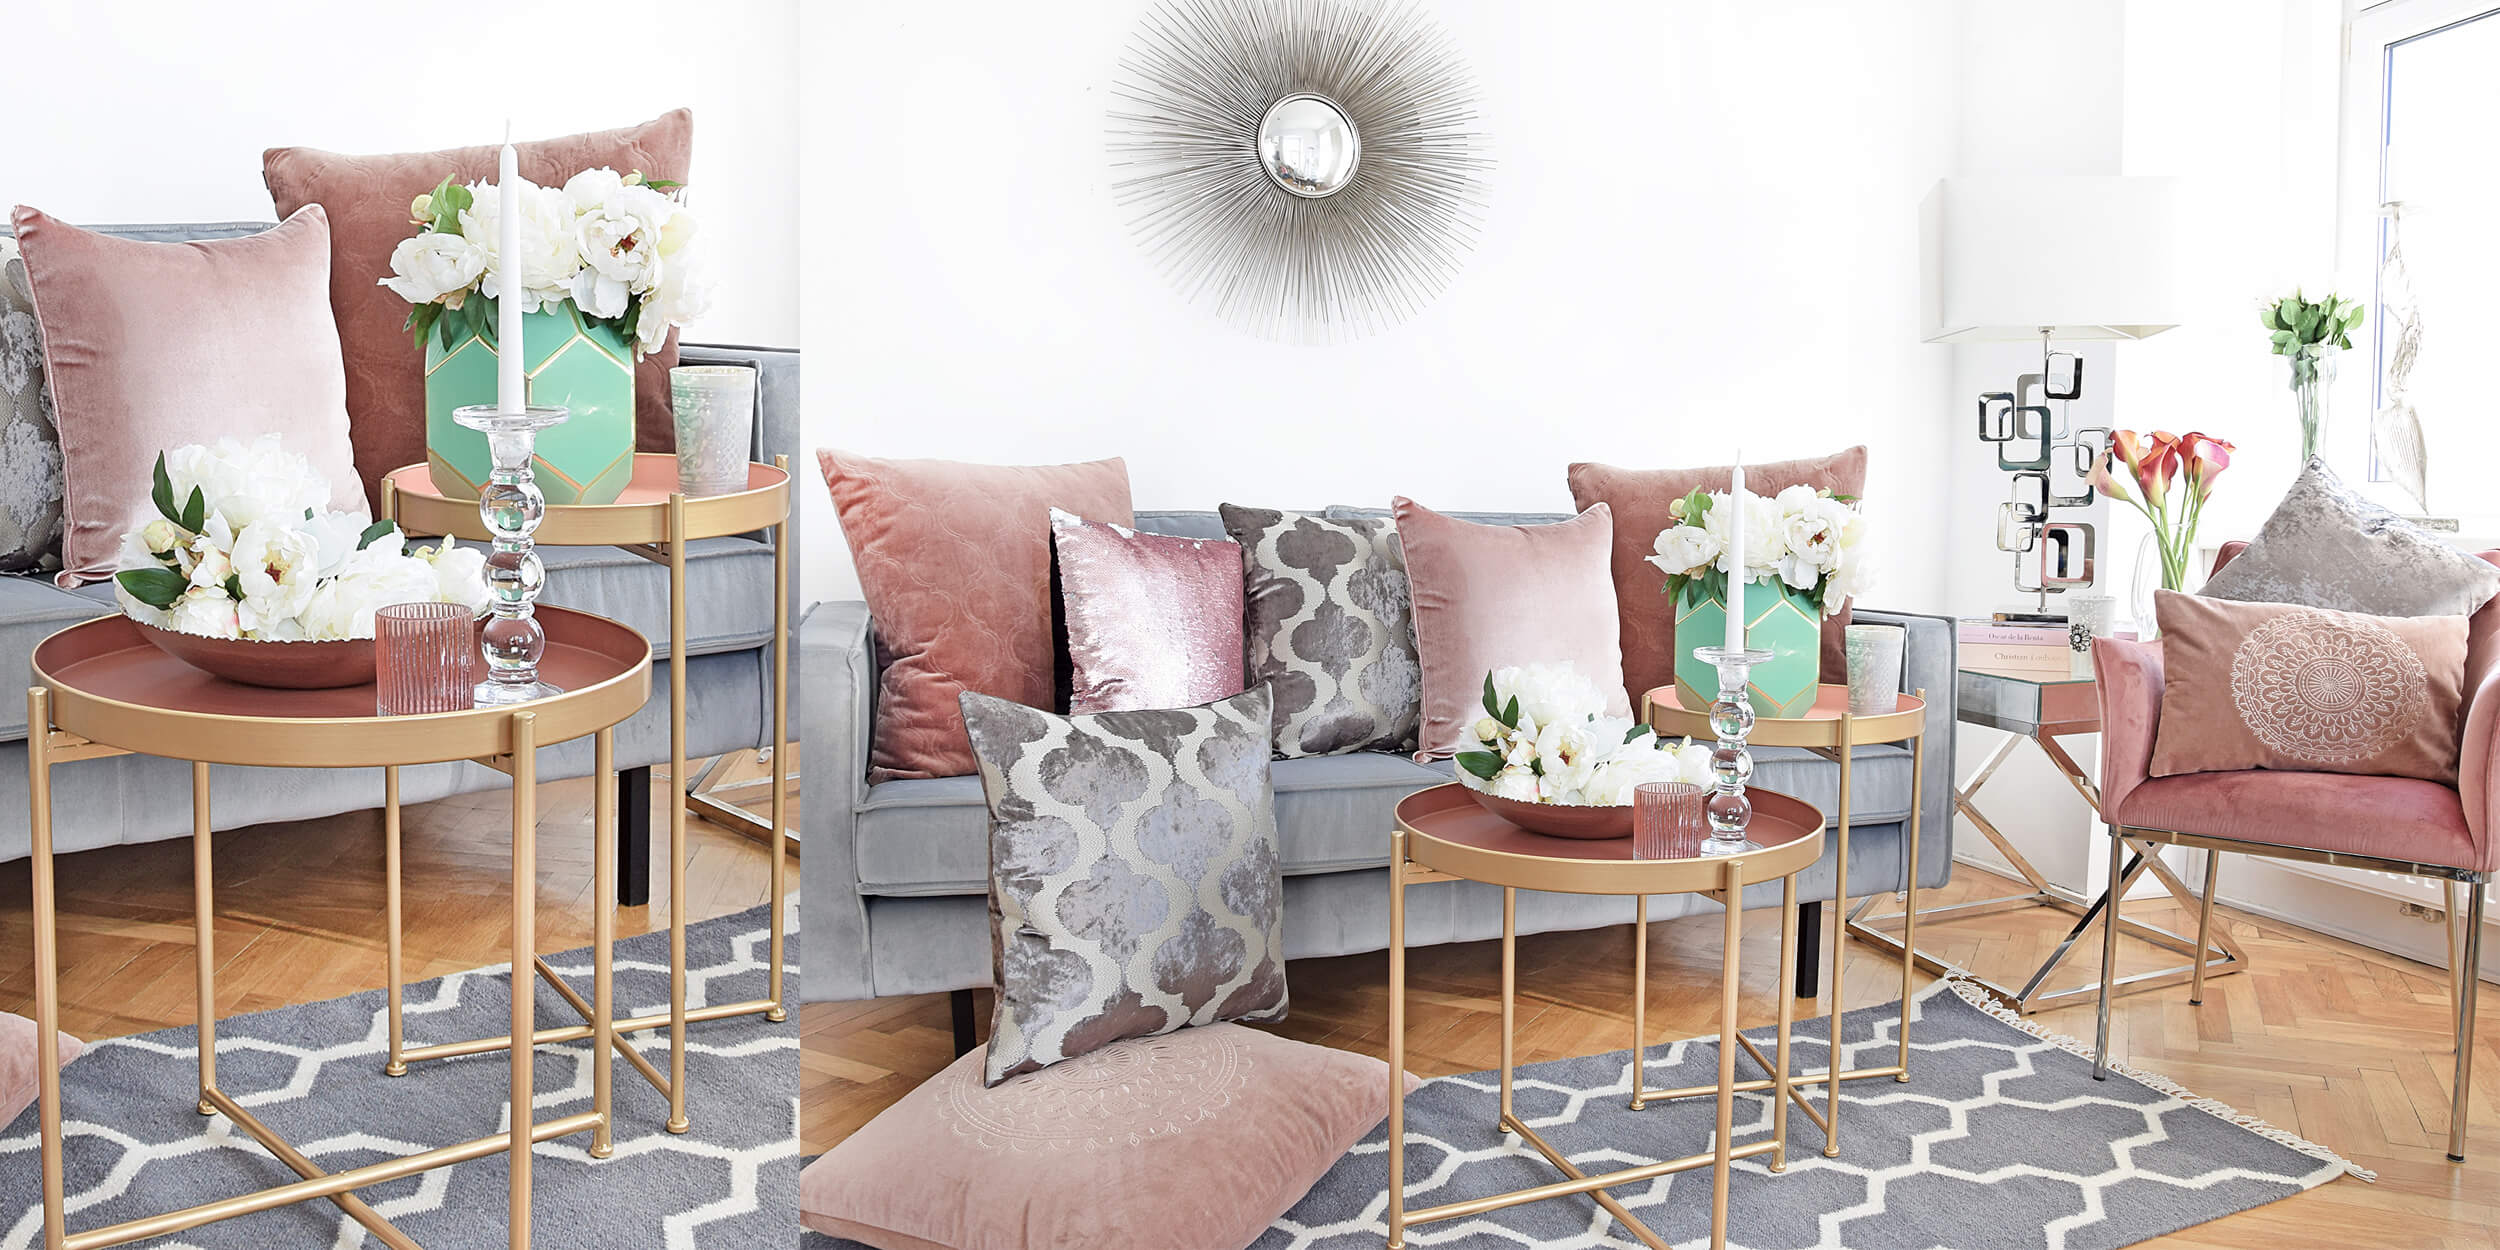 Frühlingsvorfreude! Zarte Blush-Töne für's Sofa :)